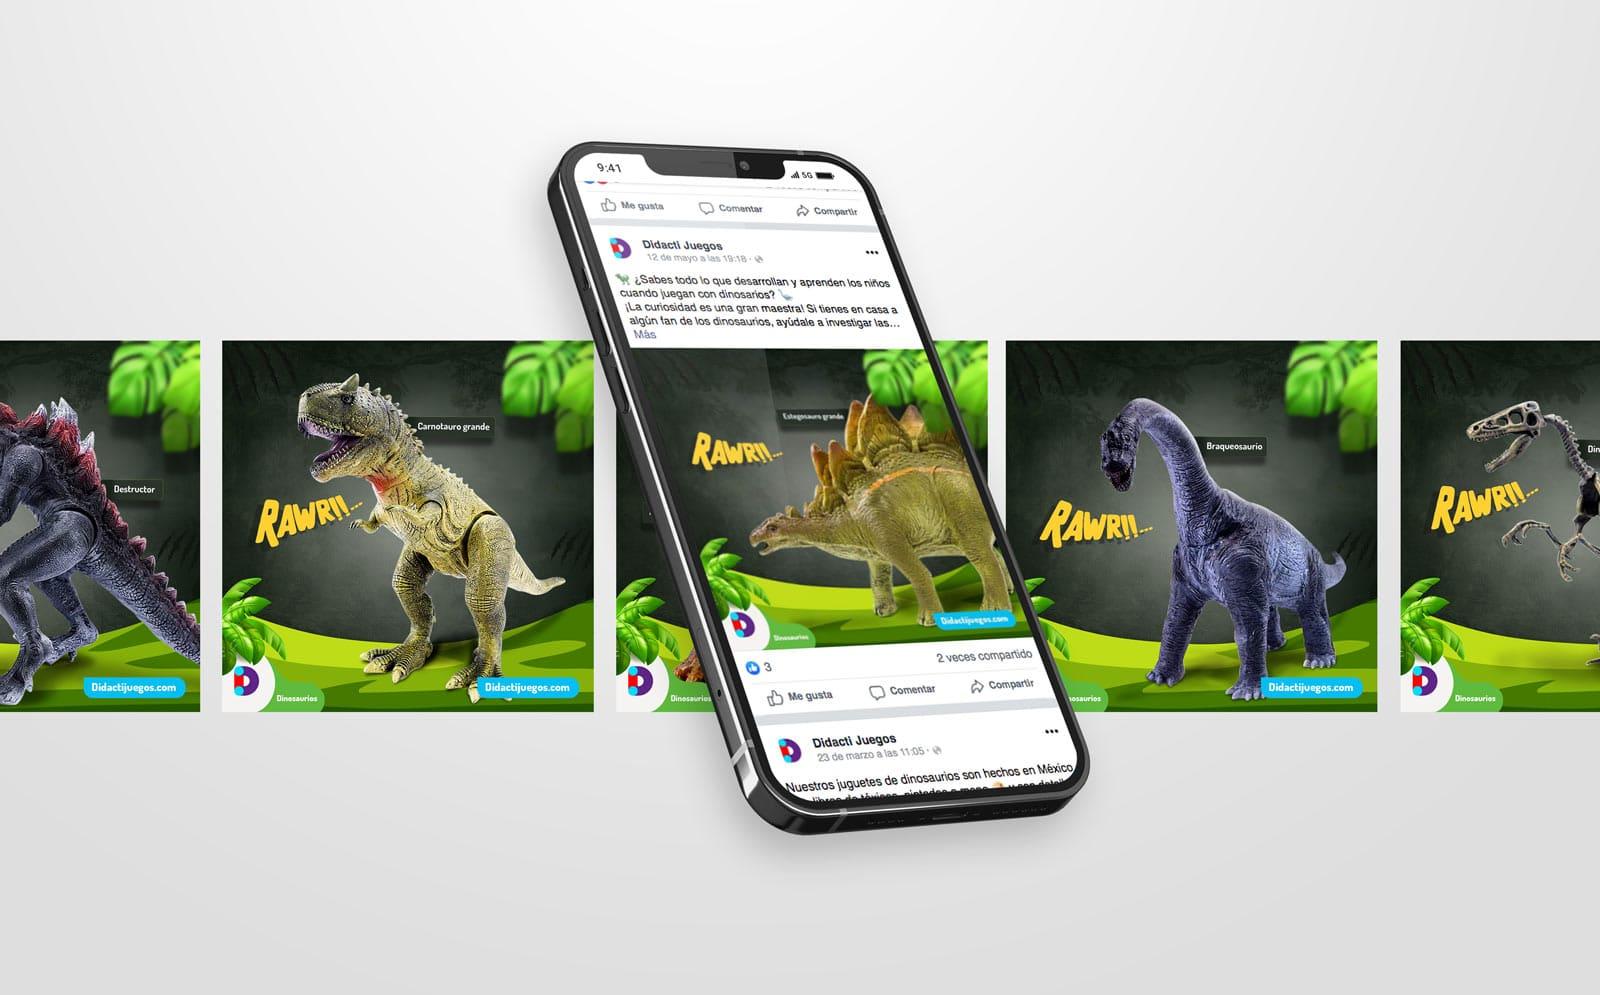 mambo-agencia-creativa-didacti-juegos-social-media-mockup-4